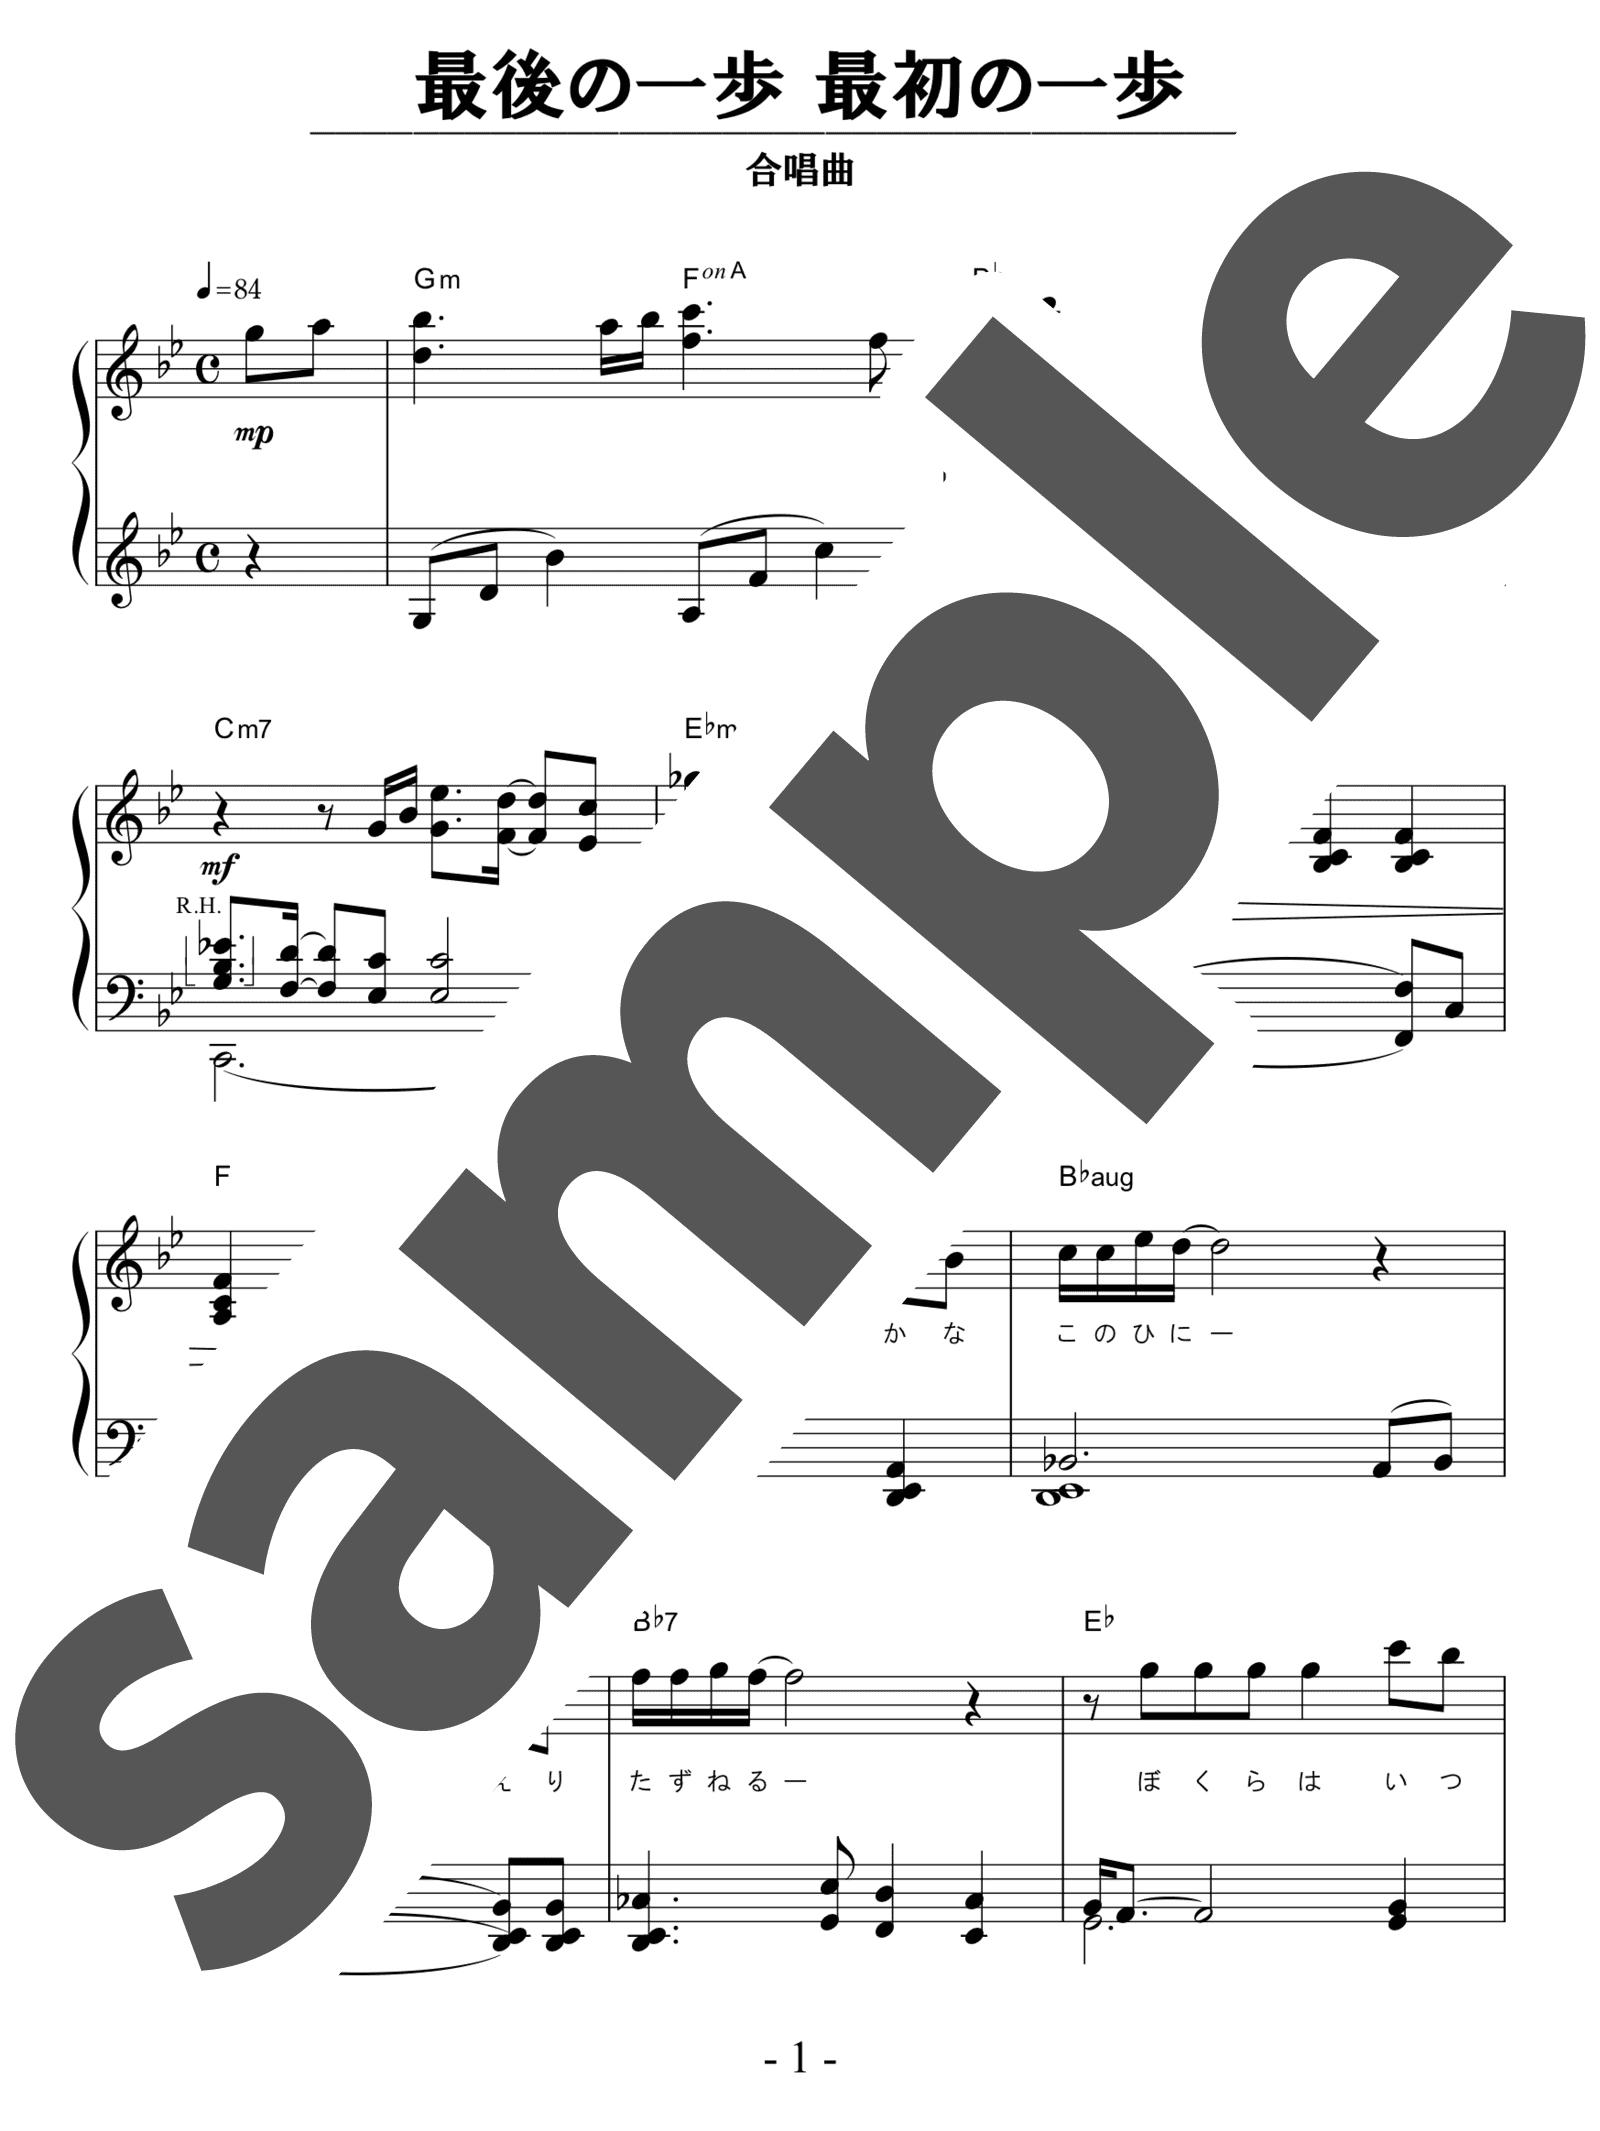 「最後の一歩 最初の一歩」のサンプル楽譜